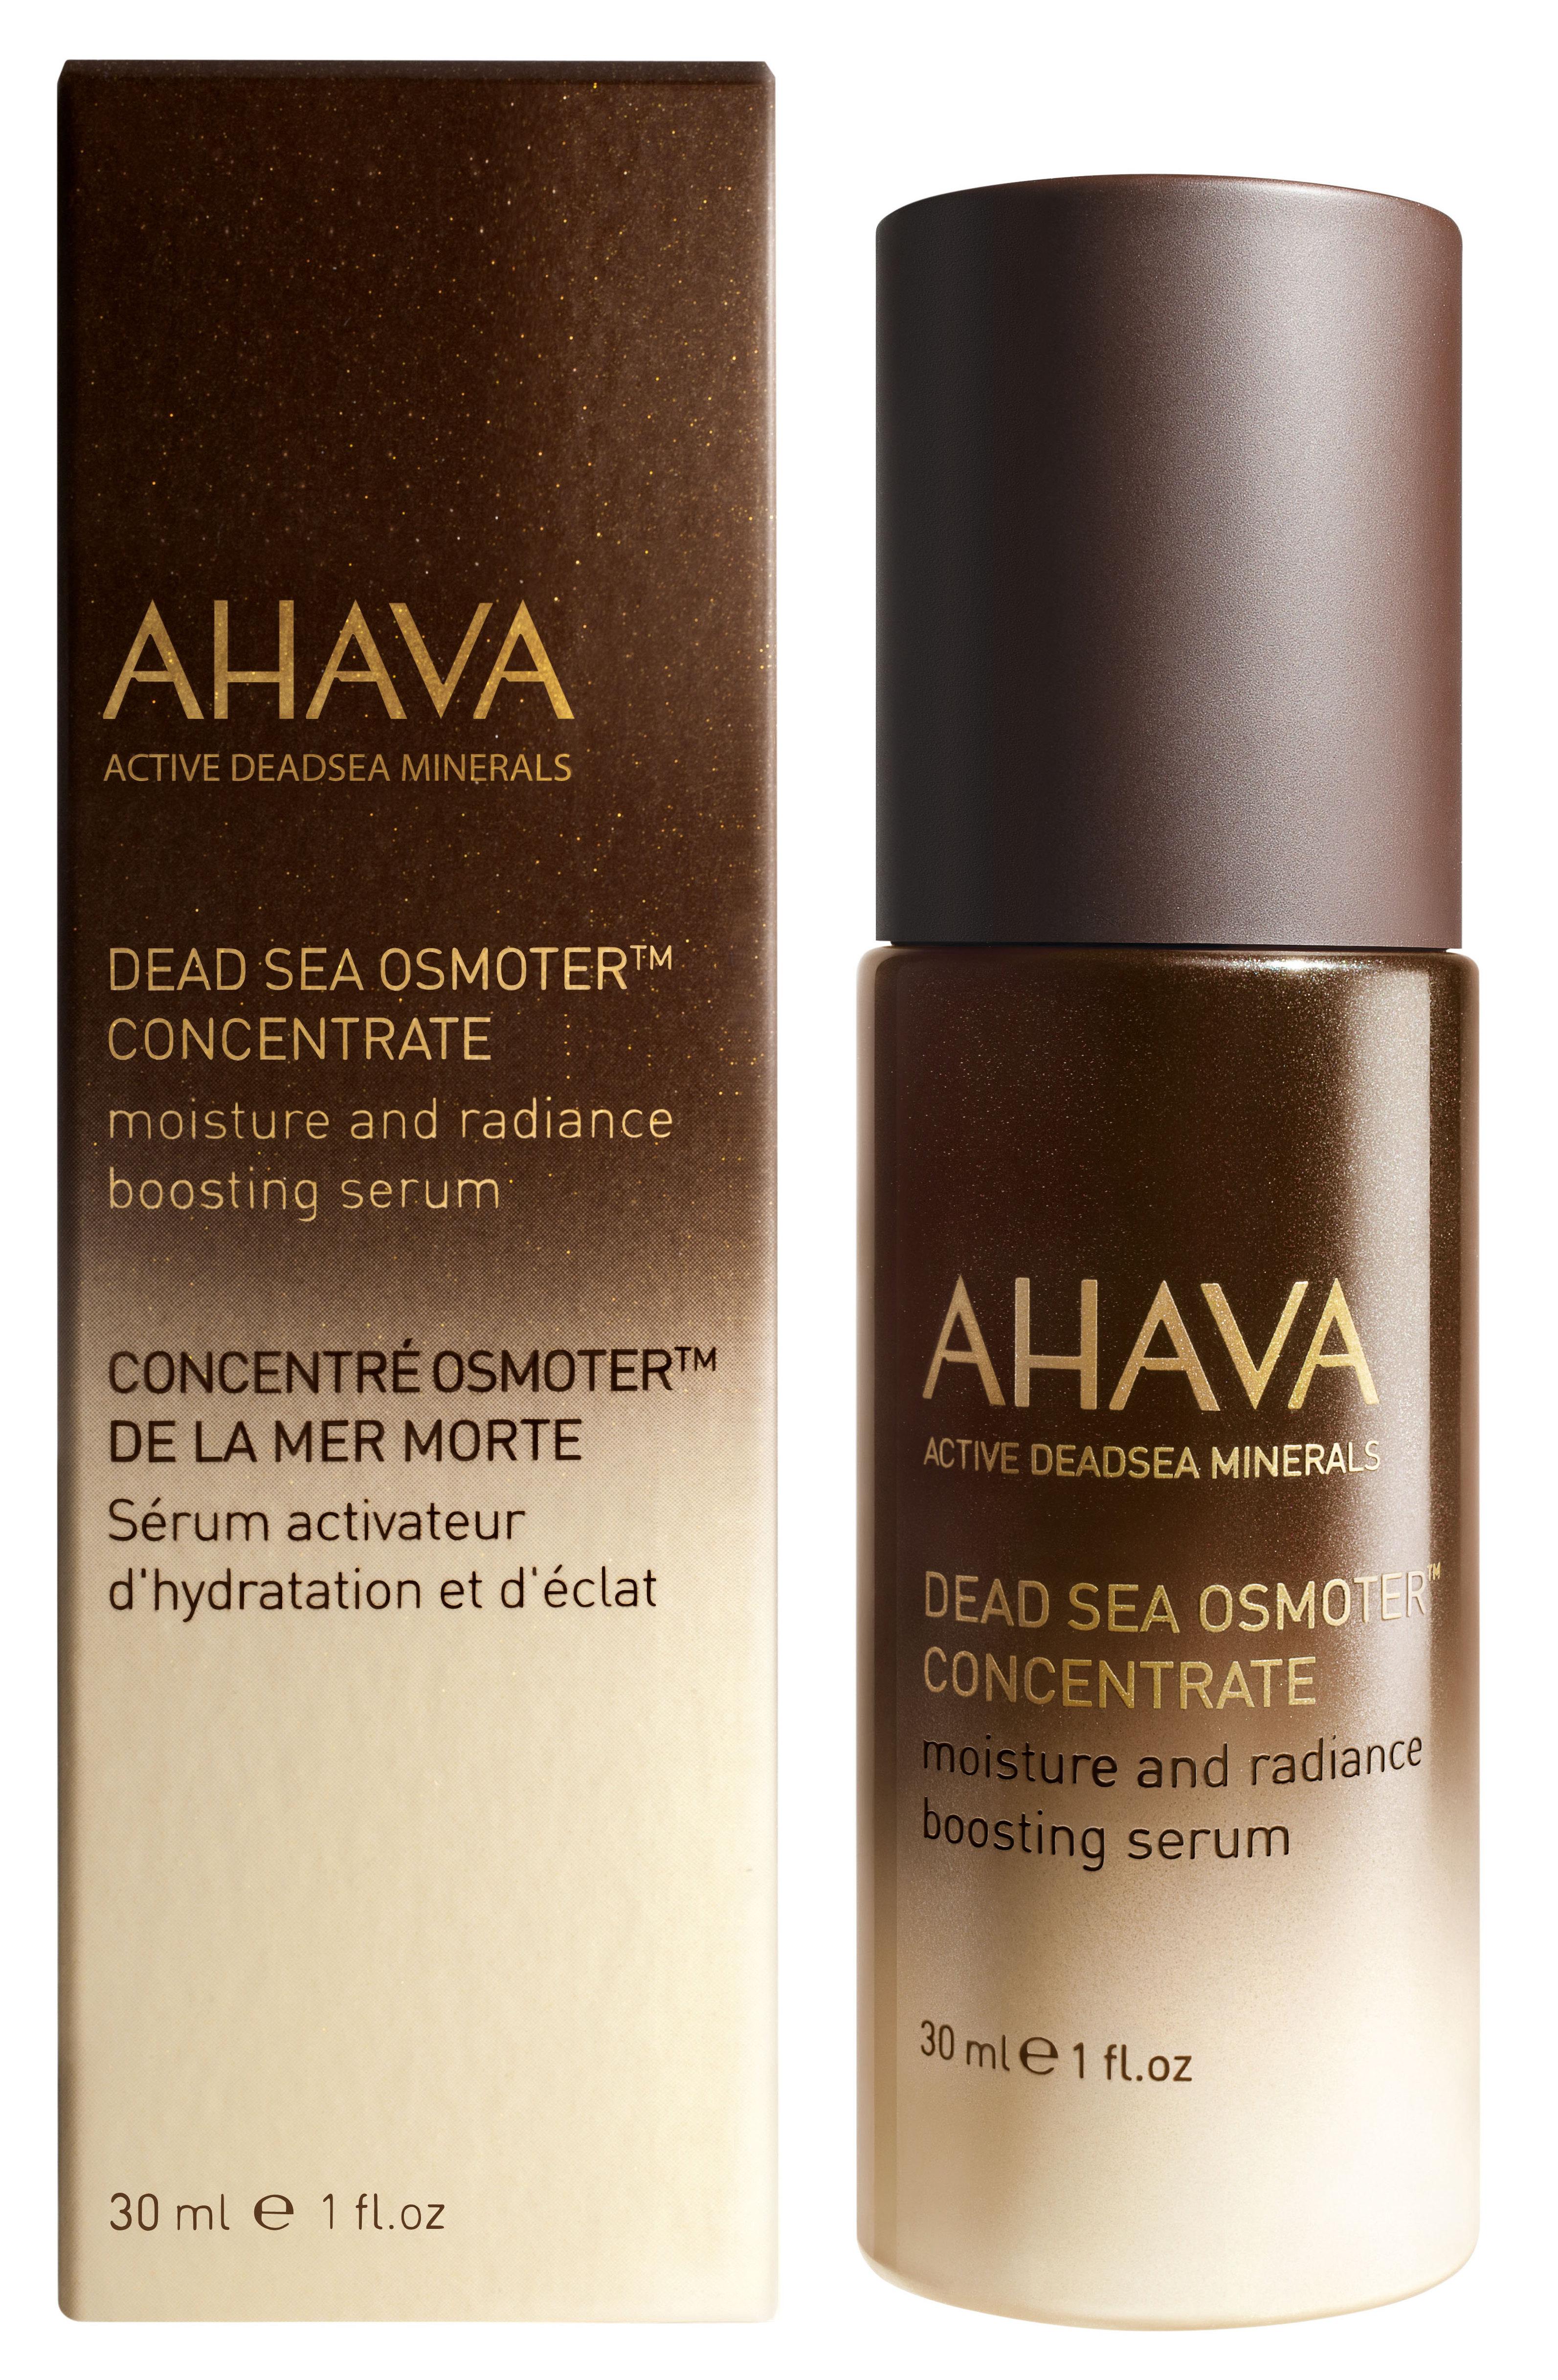 AHAVA Концентрат минералов мертвого моря, активная сыворотка для увлажнения и сияния / Osmoter Dsoc 30 мл